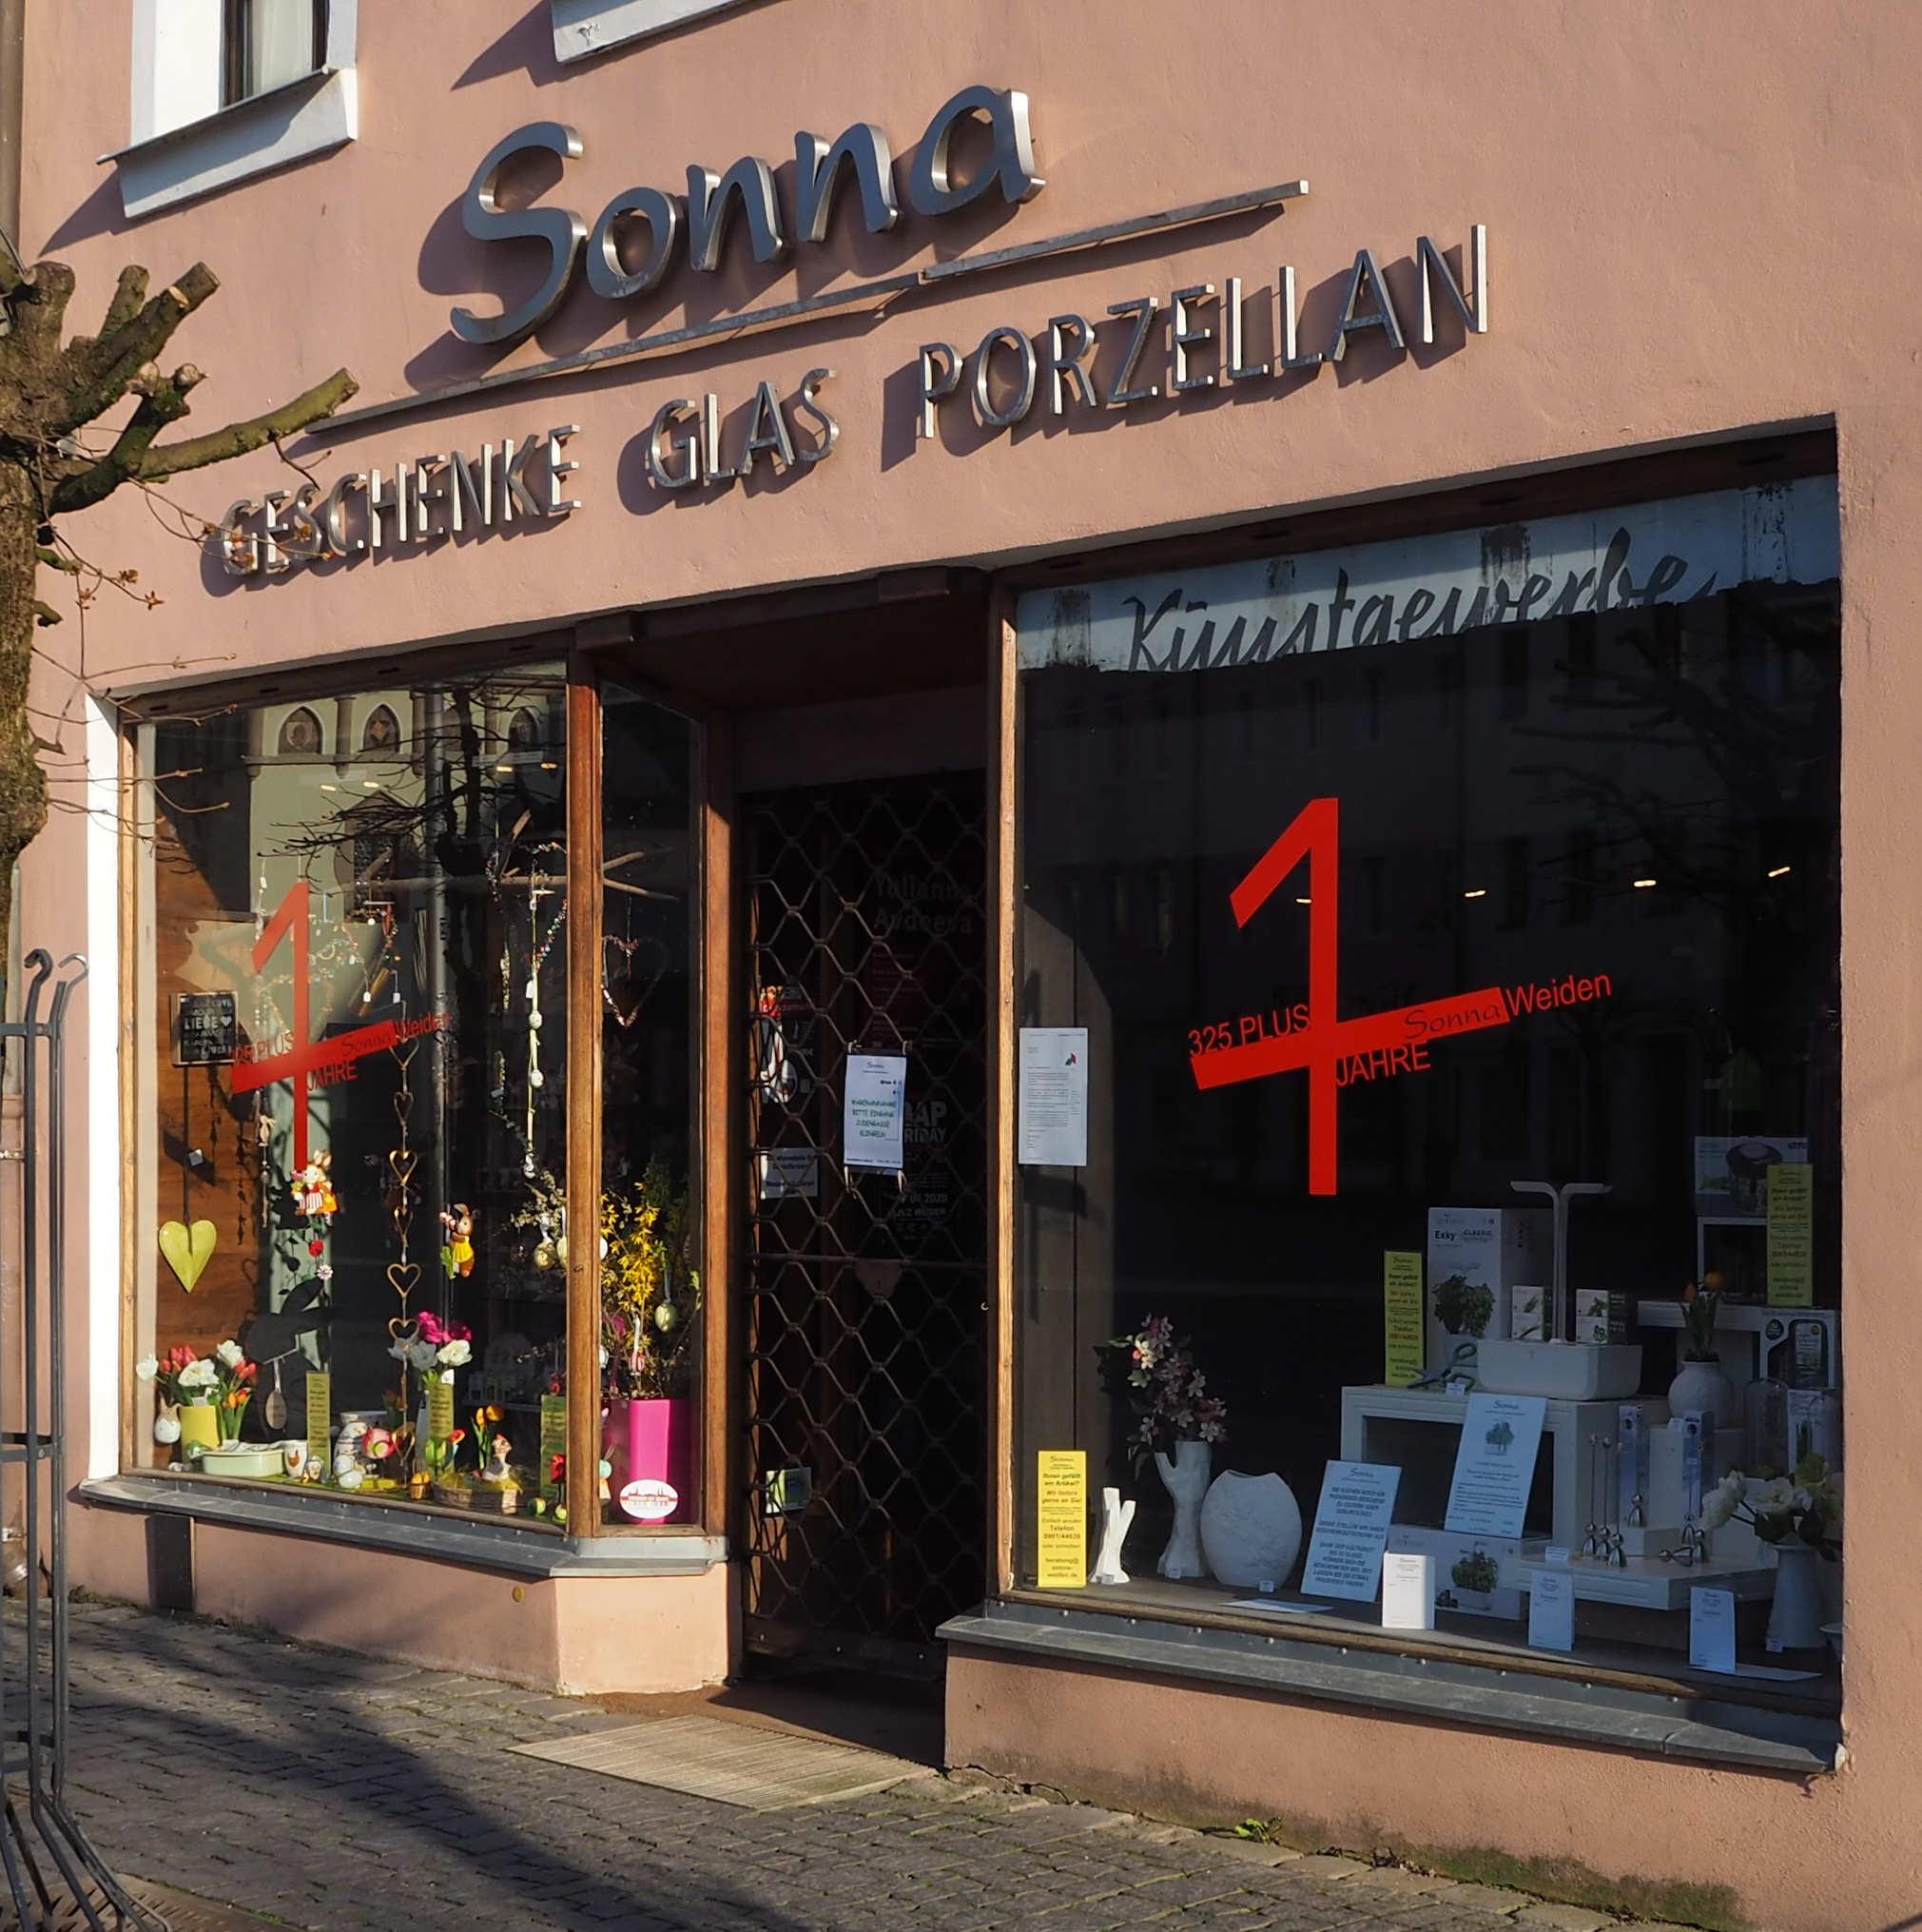 Sonna Geschenke & Haushaltswaren